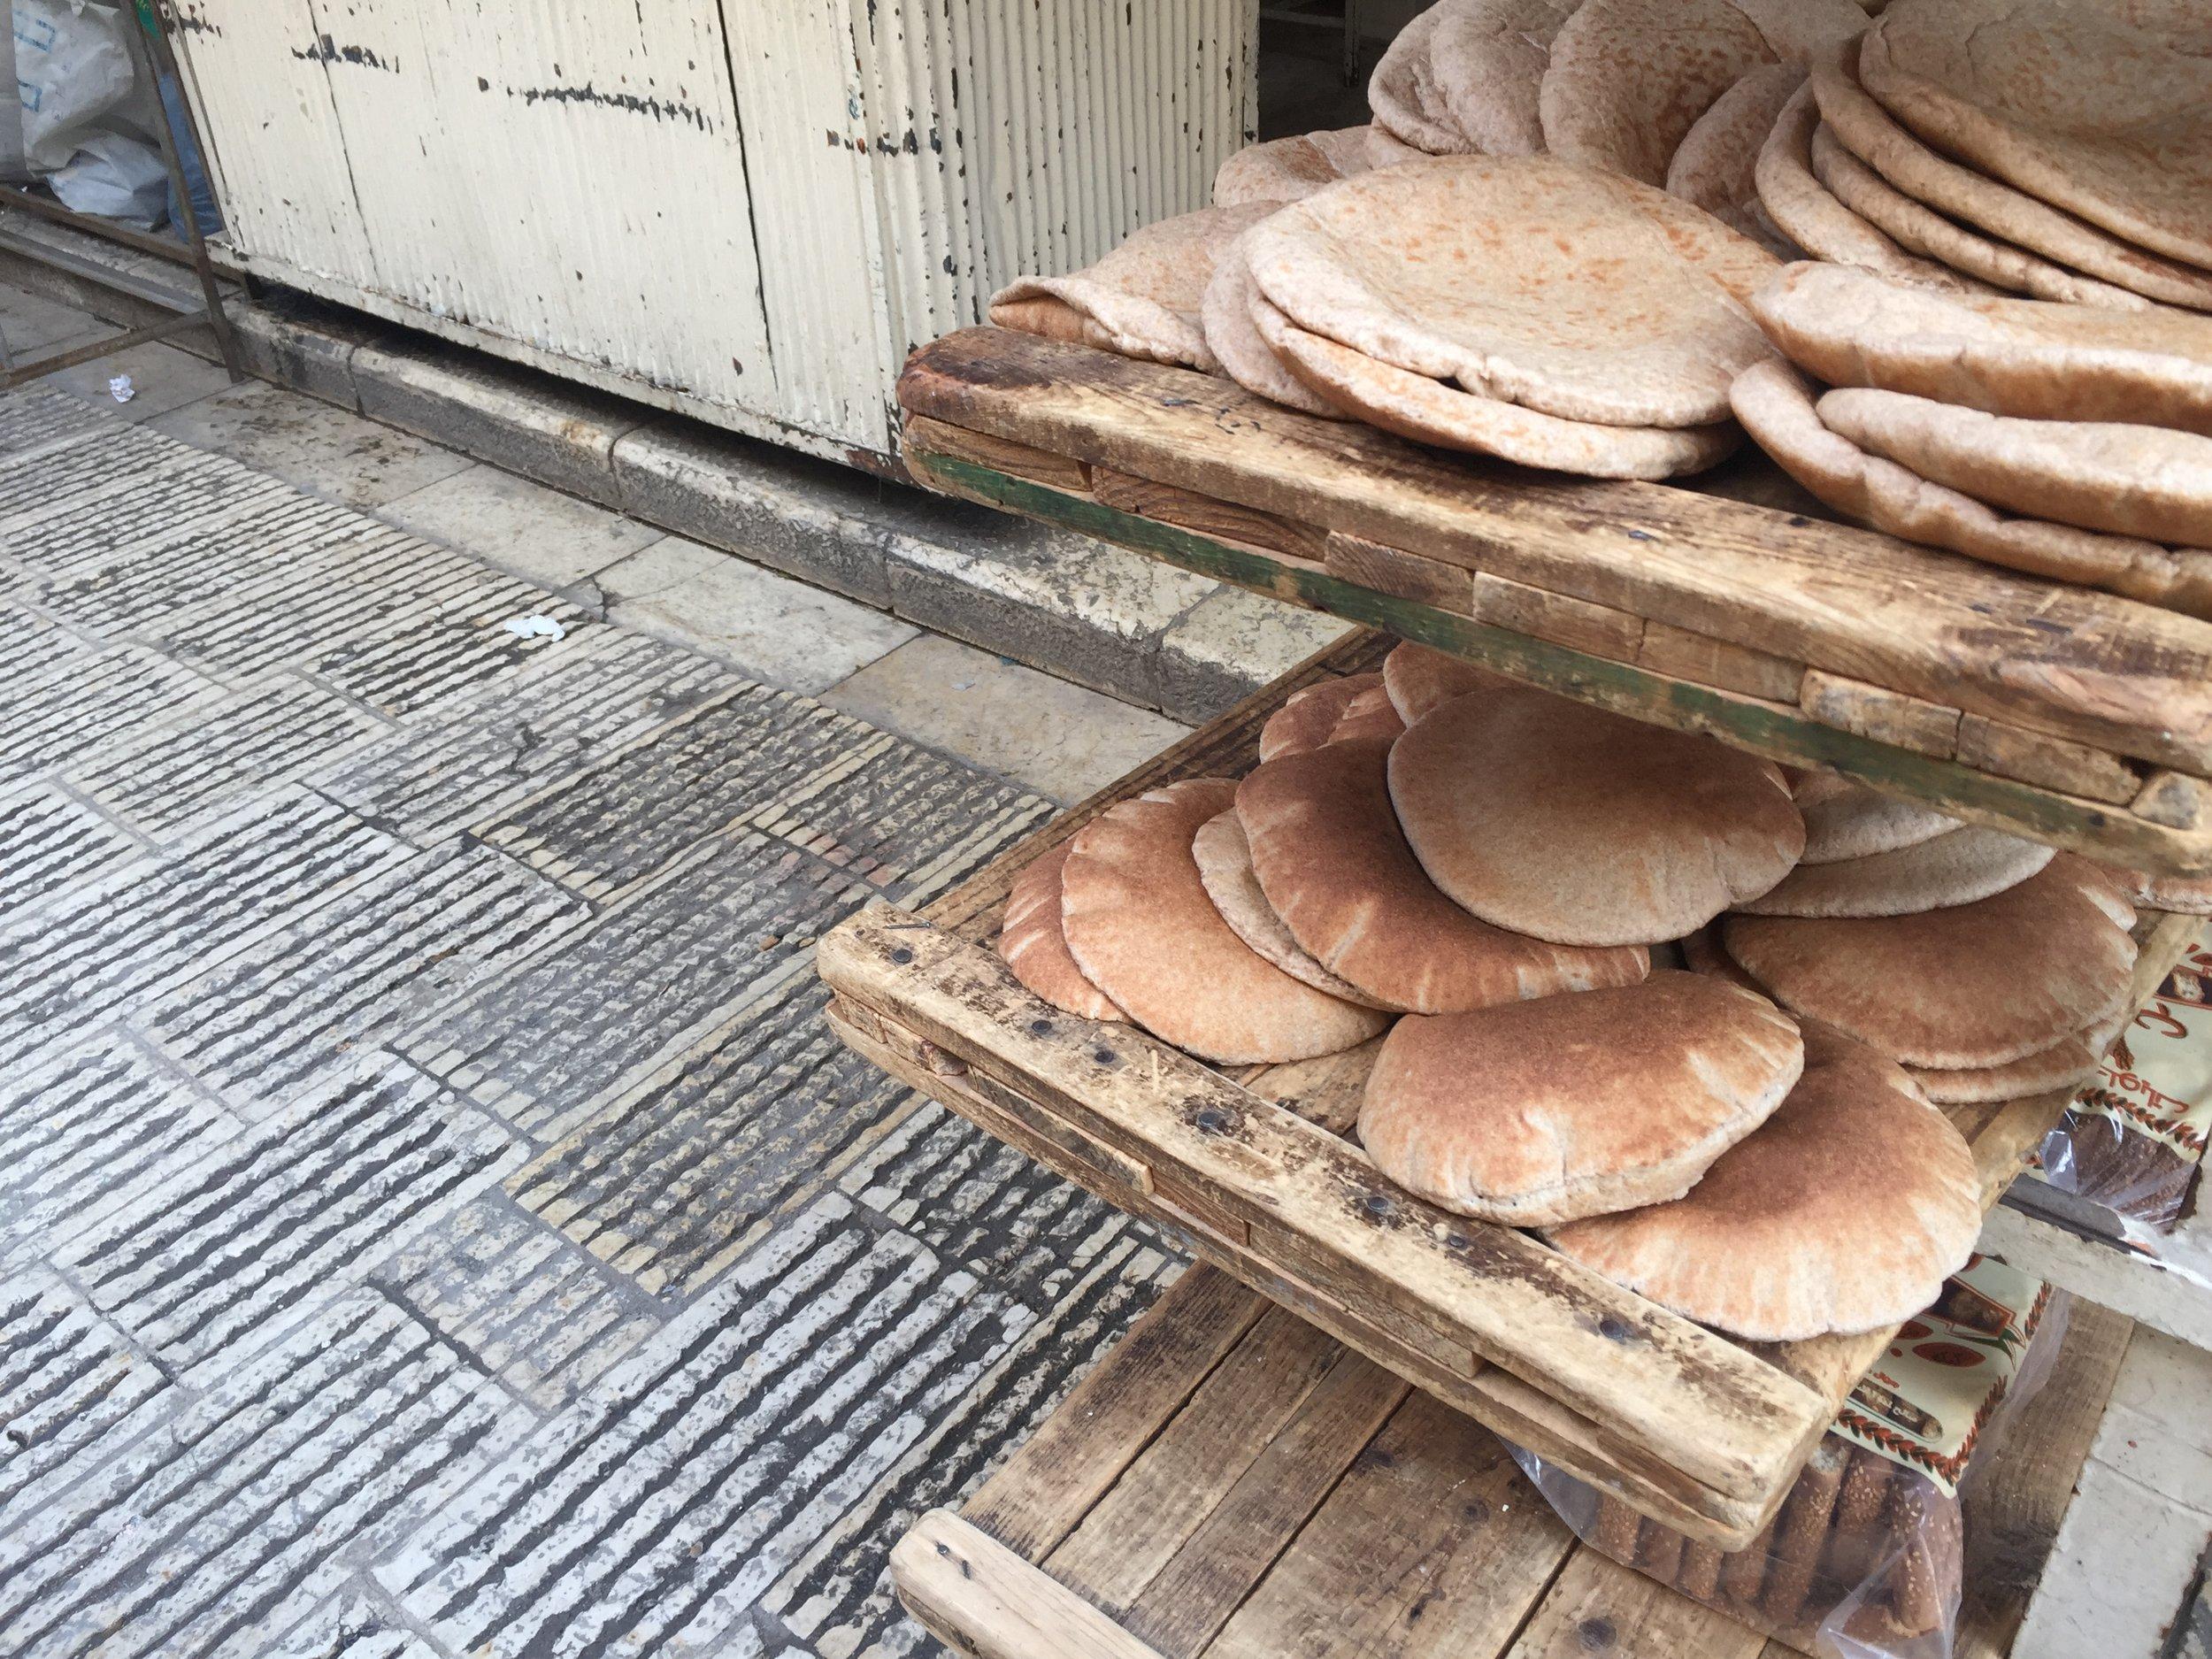 Try Wonder Erasmus Exchange Israel - Nablus in 10 Images 3 - Pita bread old city